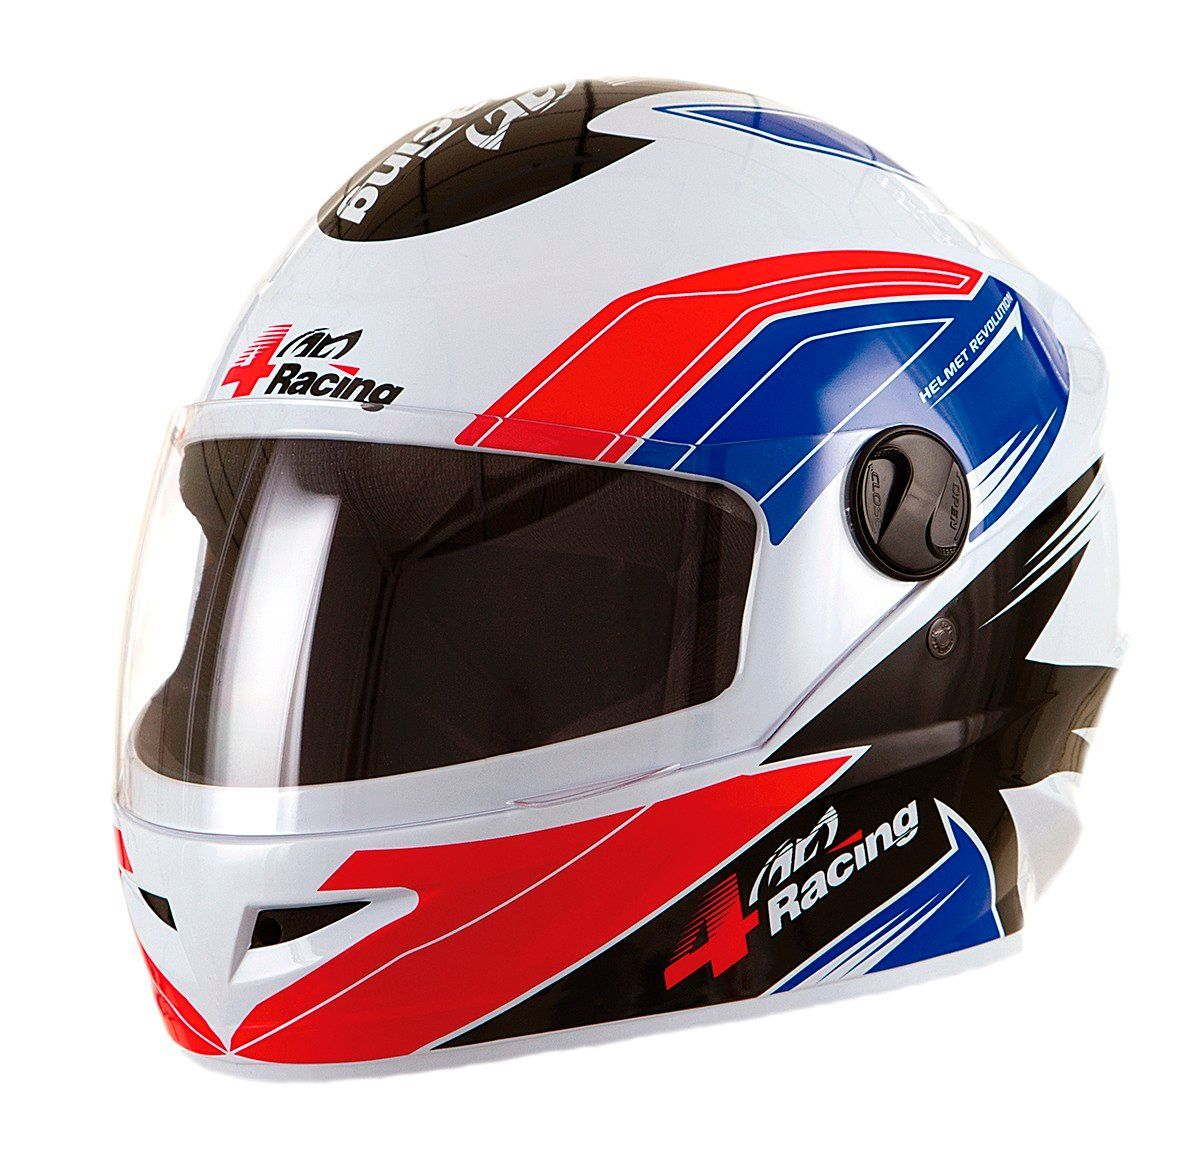 Capacete Pro Tork 4 Racing BRW